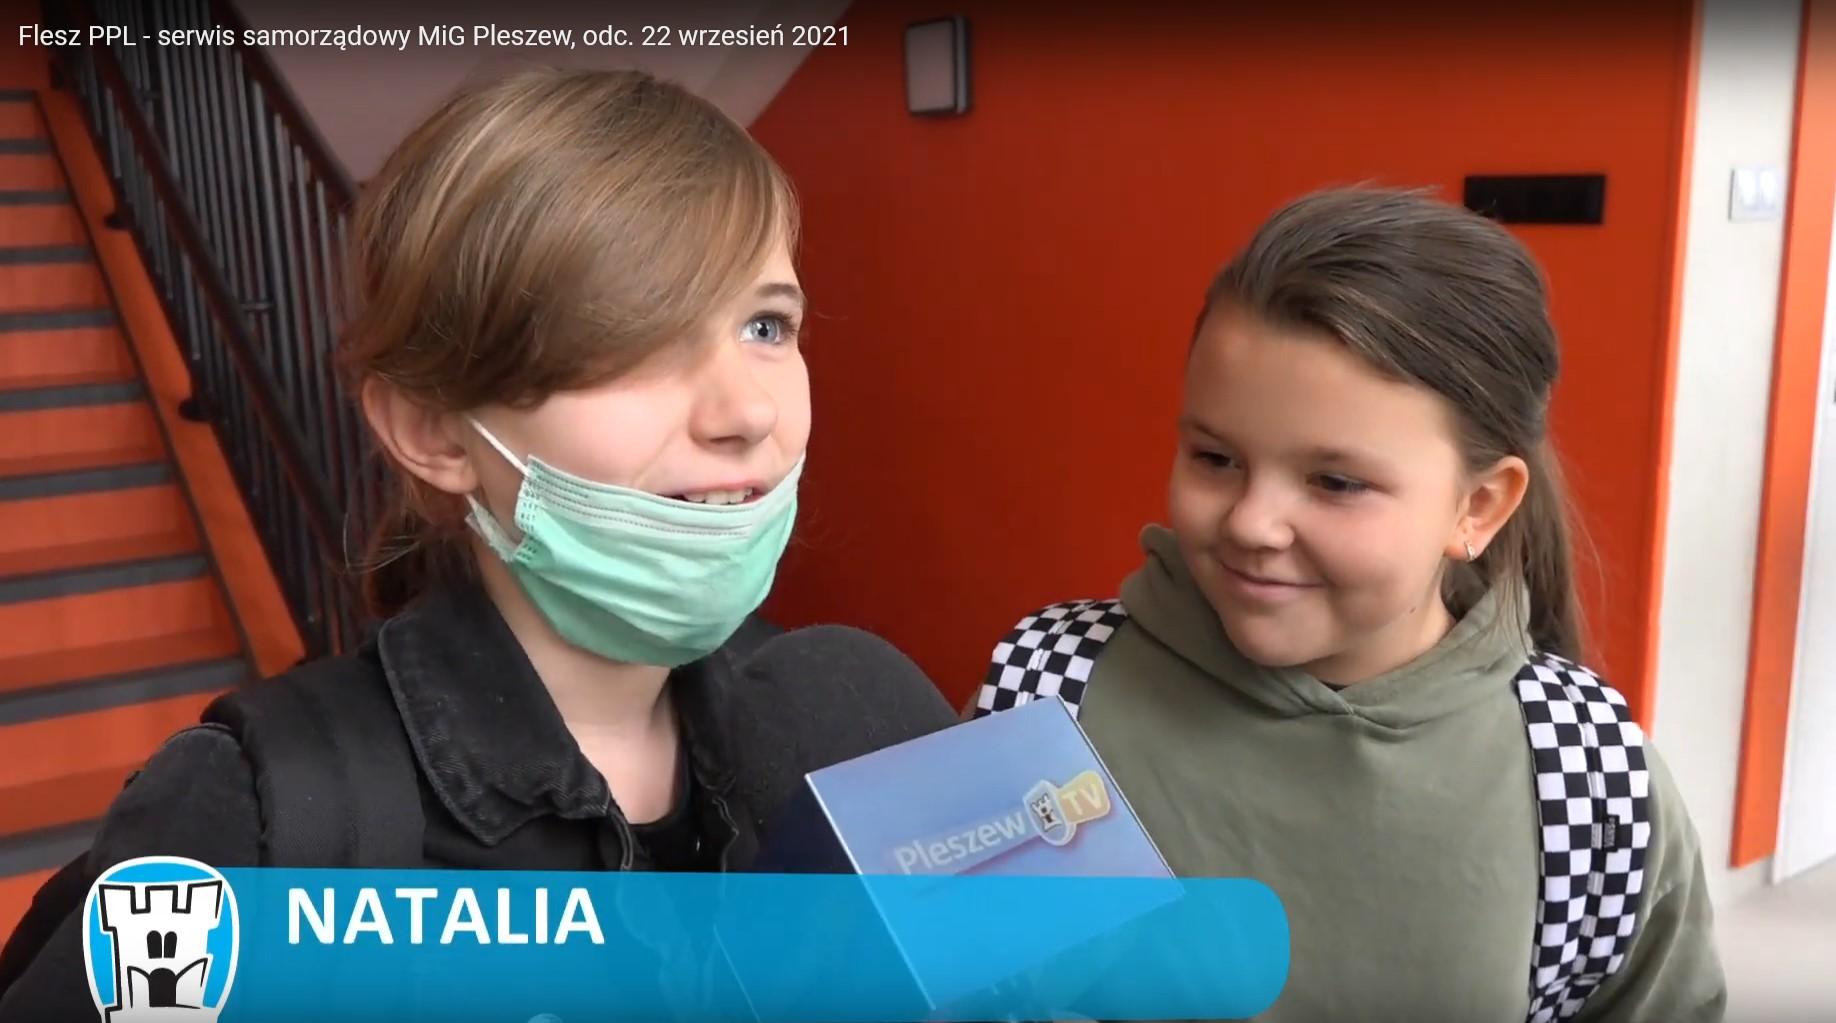 dwie dziewczynki ypowiadające sie do mikrofonu